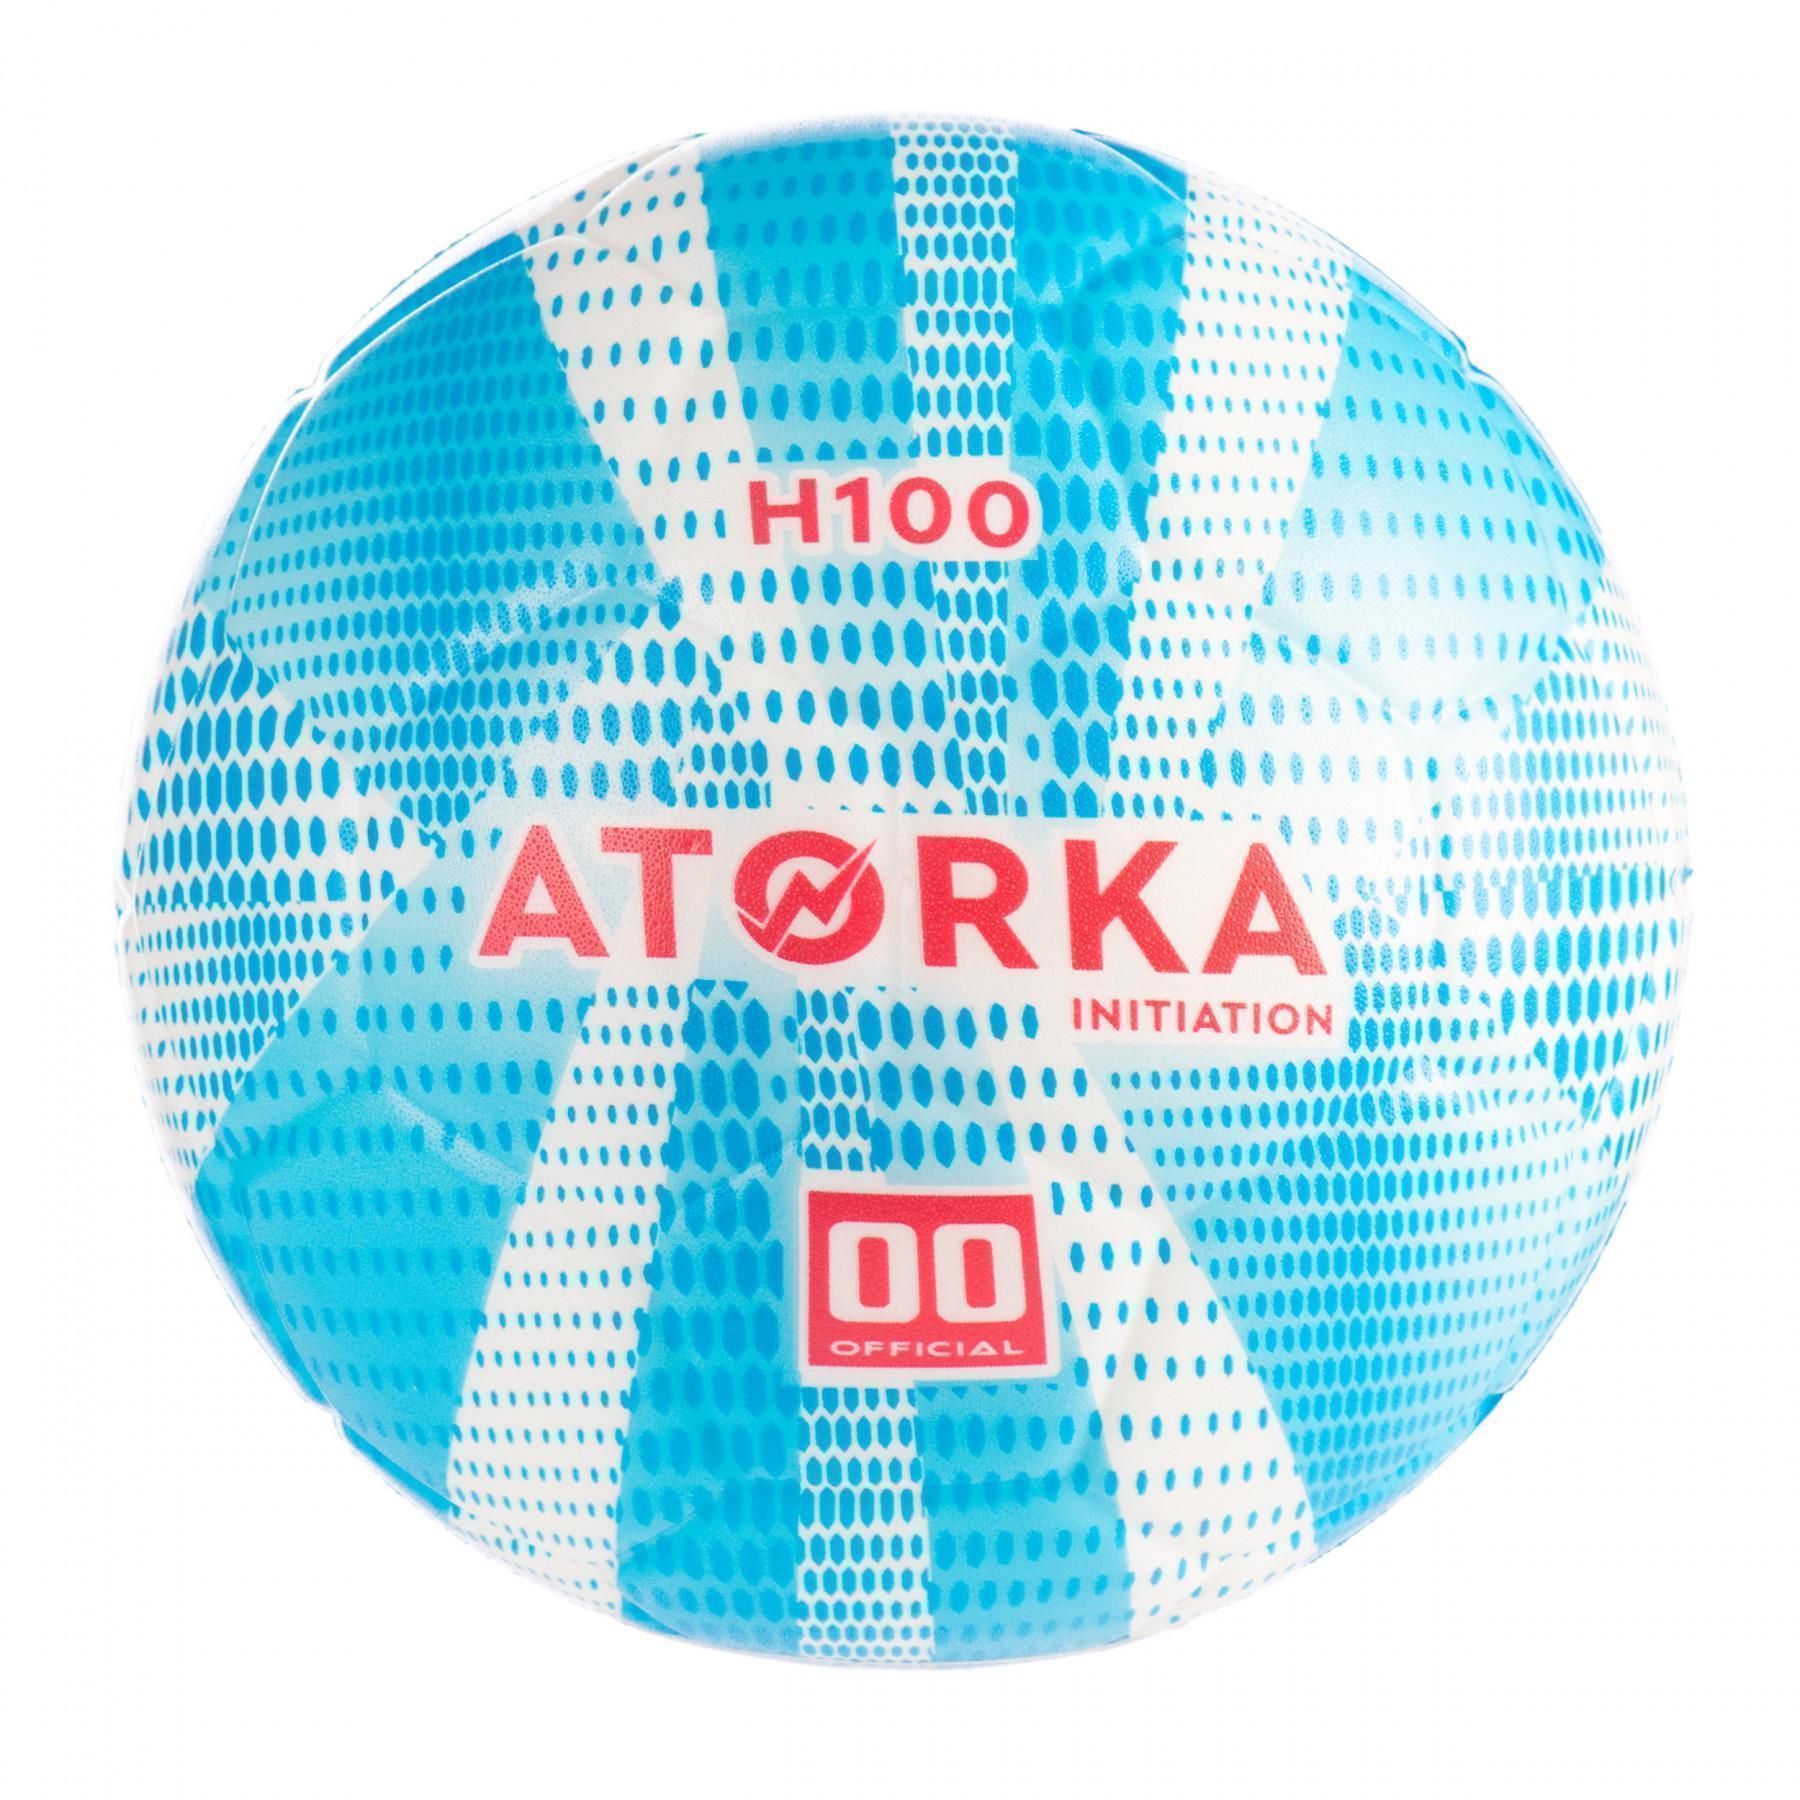 Children's ball Atorka H100 INITIATION